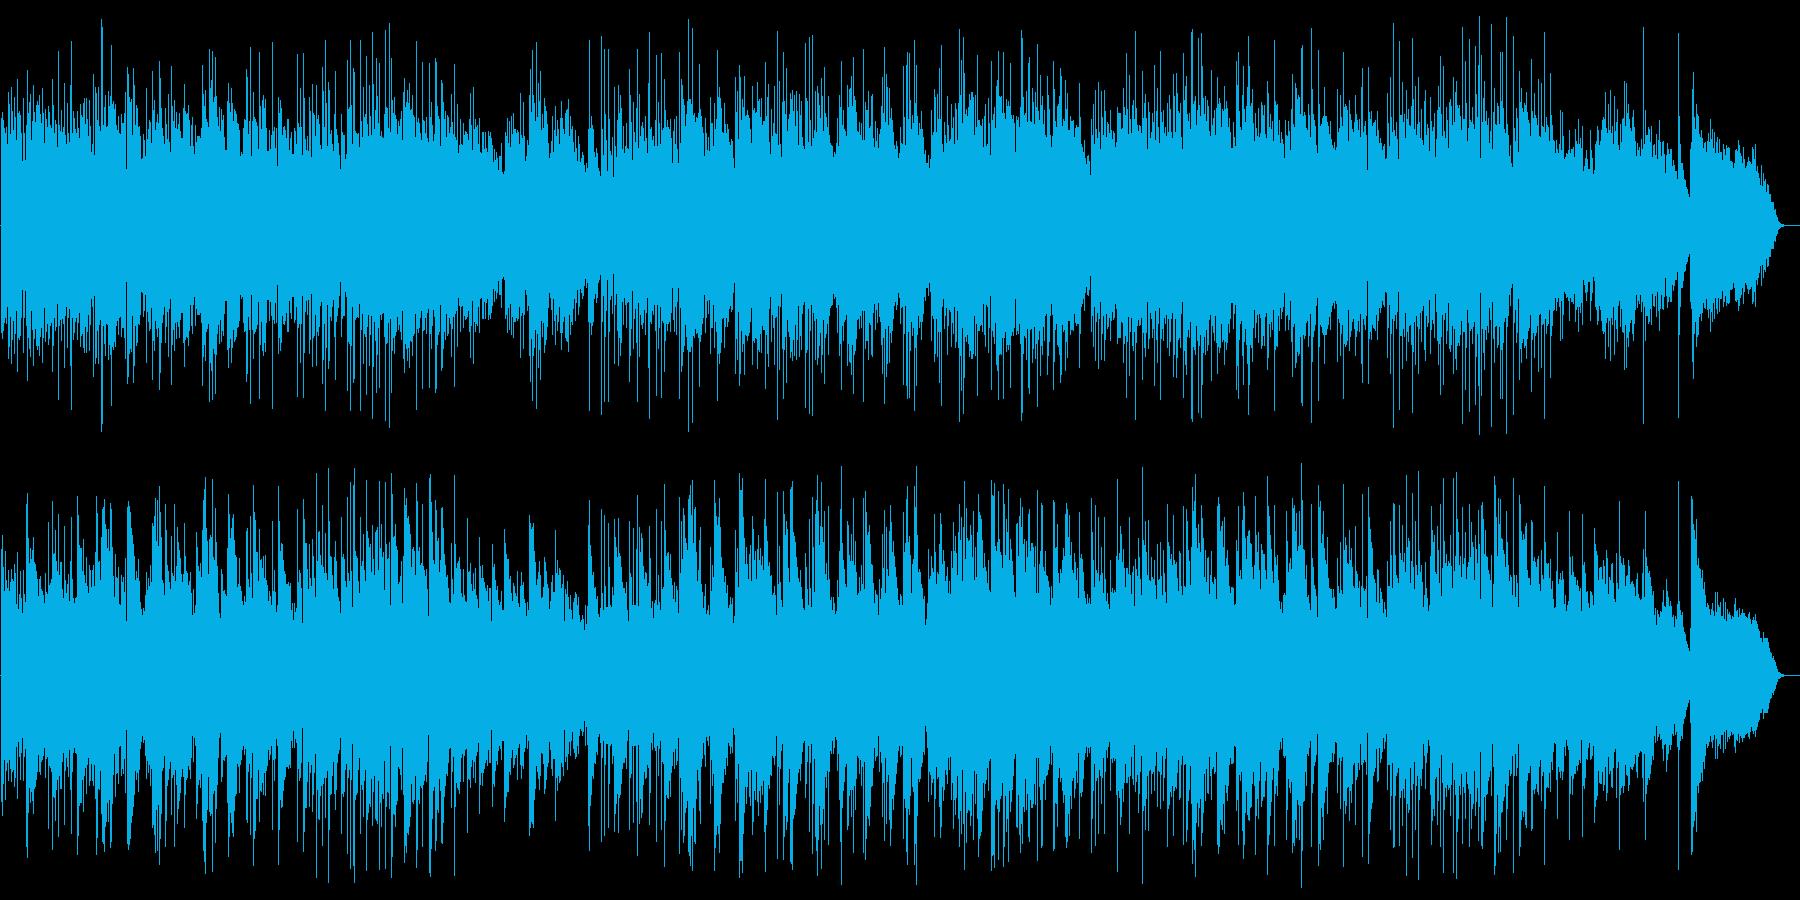 アコースティックギターのヒーリングの再生済みの波形